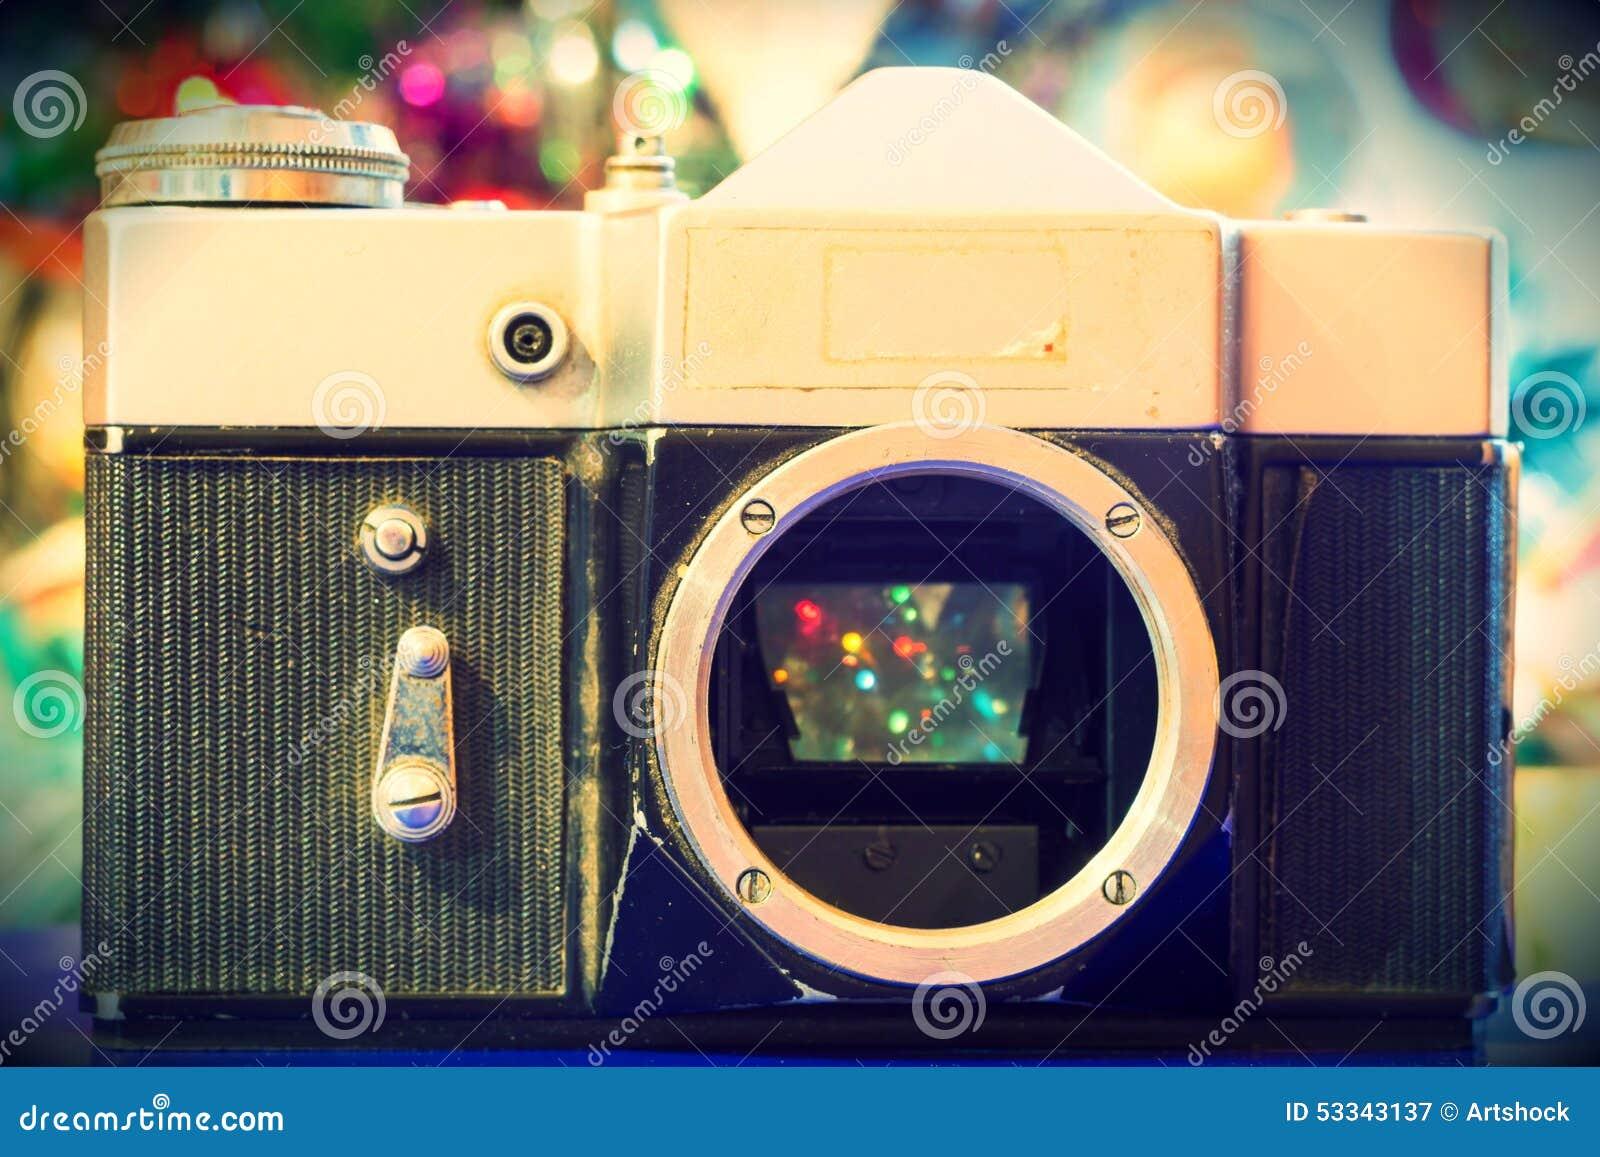 Grunge Camera Effect : Grunge old camera stock illustration illustration of vintage